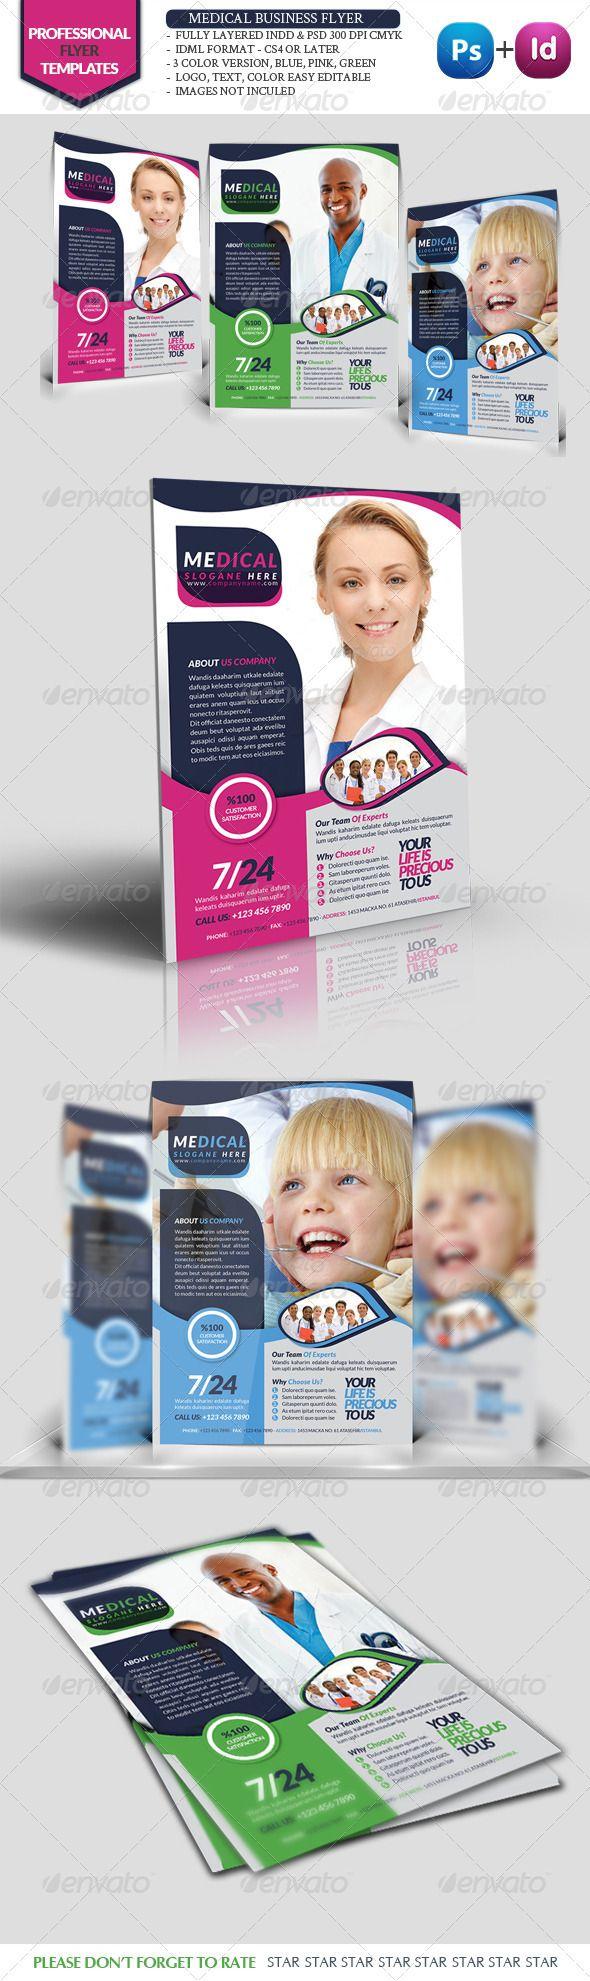 Health Business Flyer | Folletos, Dentistas y Diseño editorial